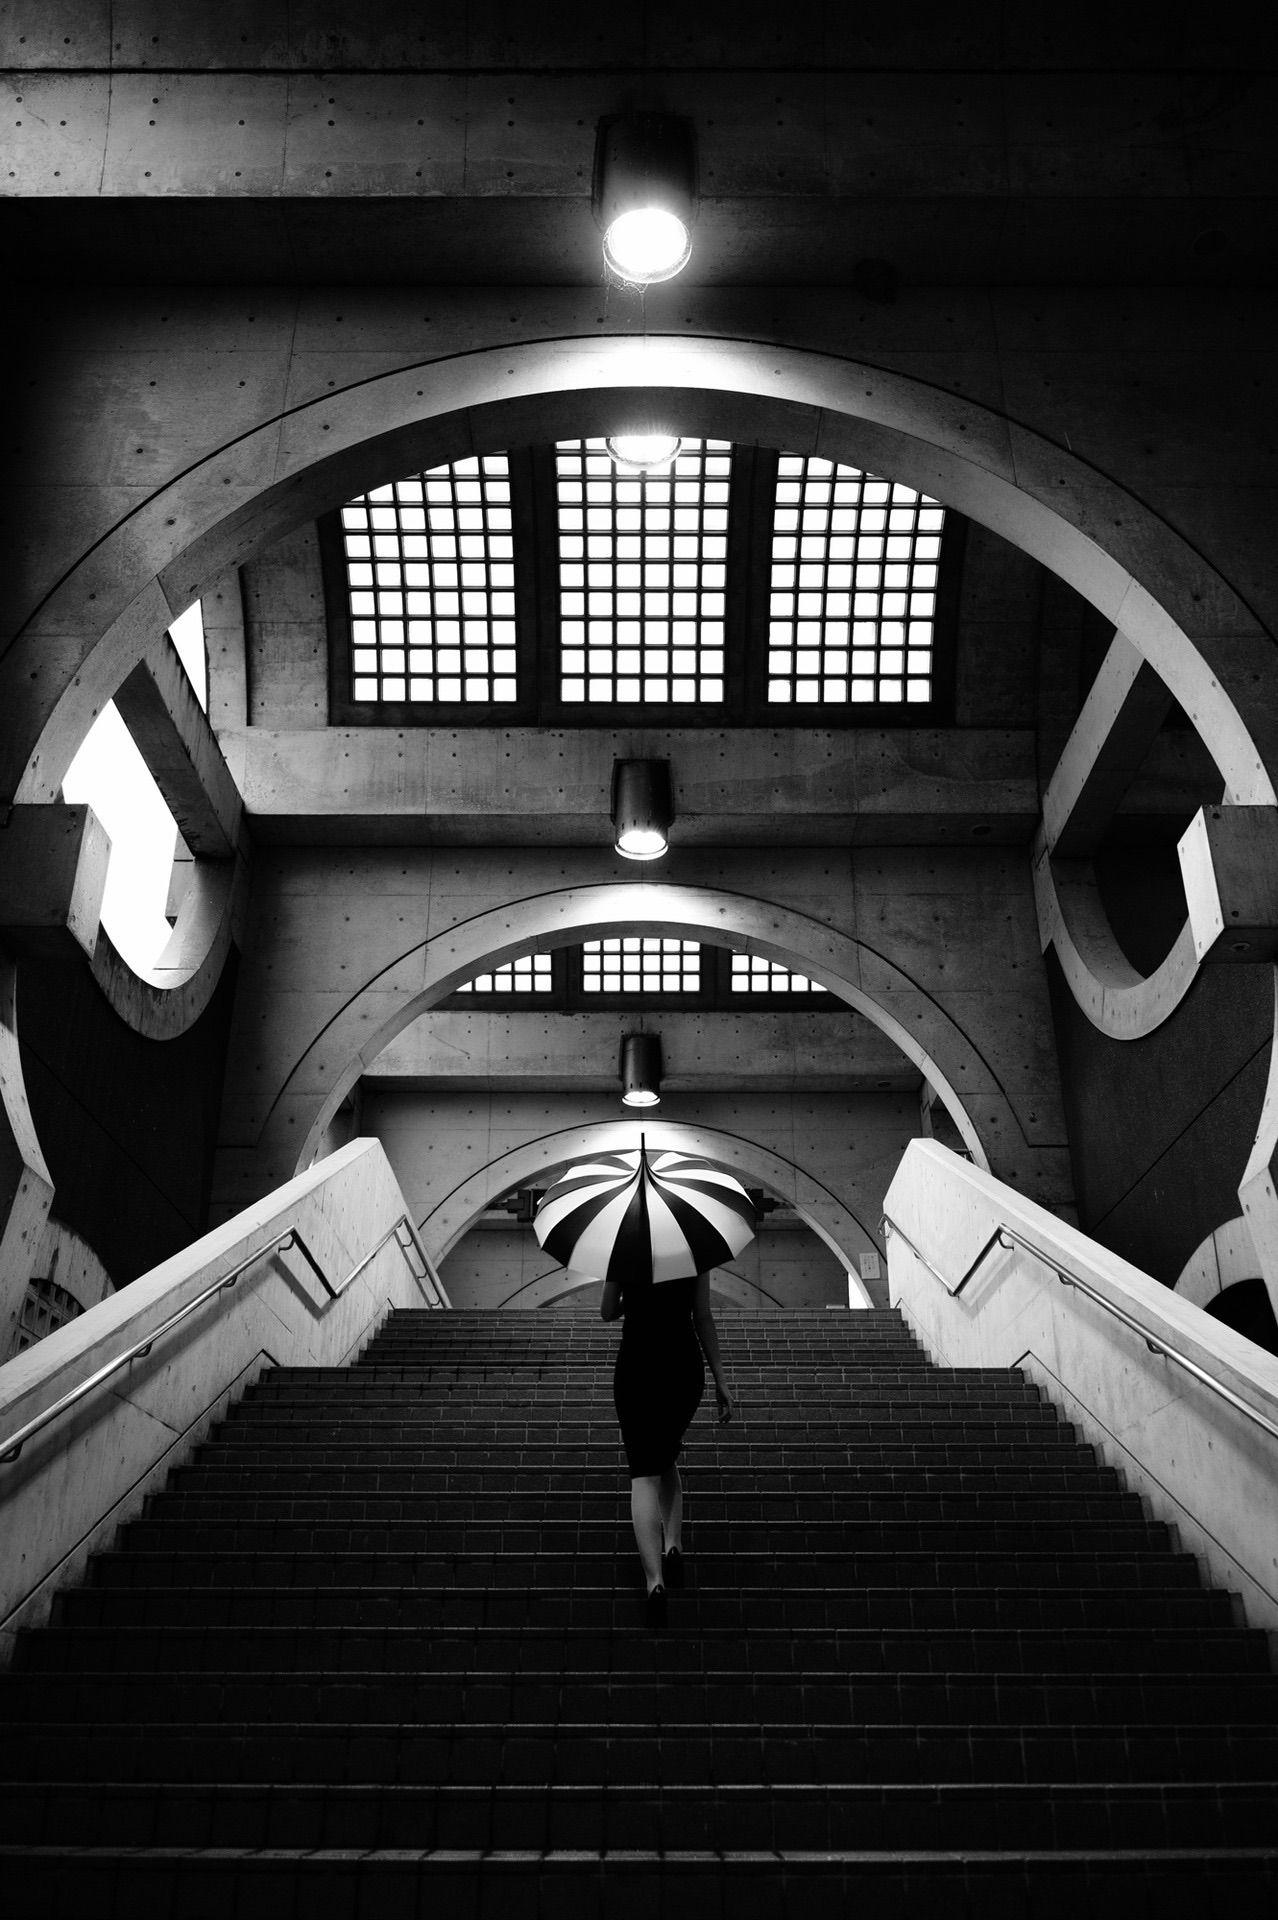 Épinglé par Jean G. Cauvin & Val sur STAIRS Noir et